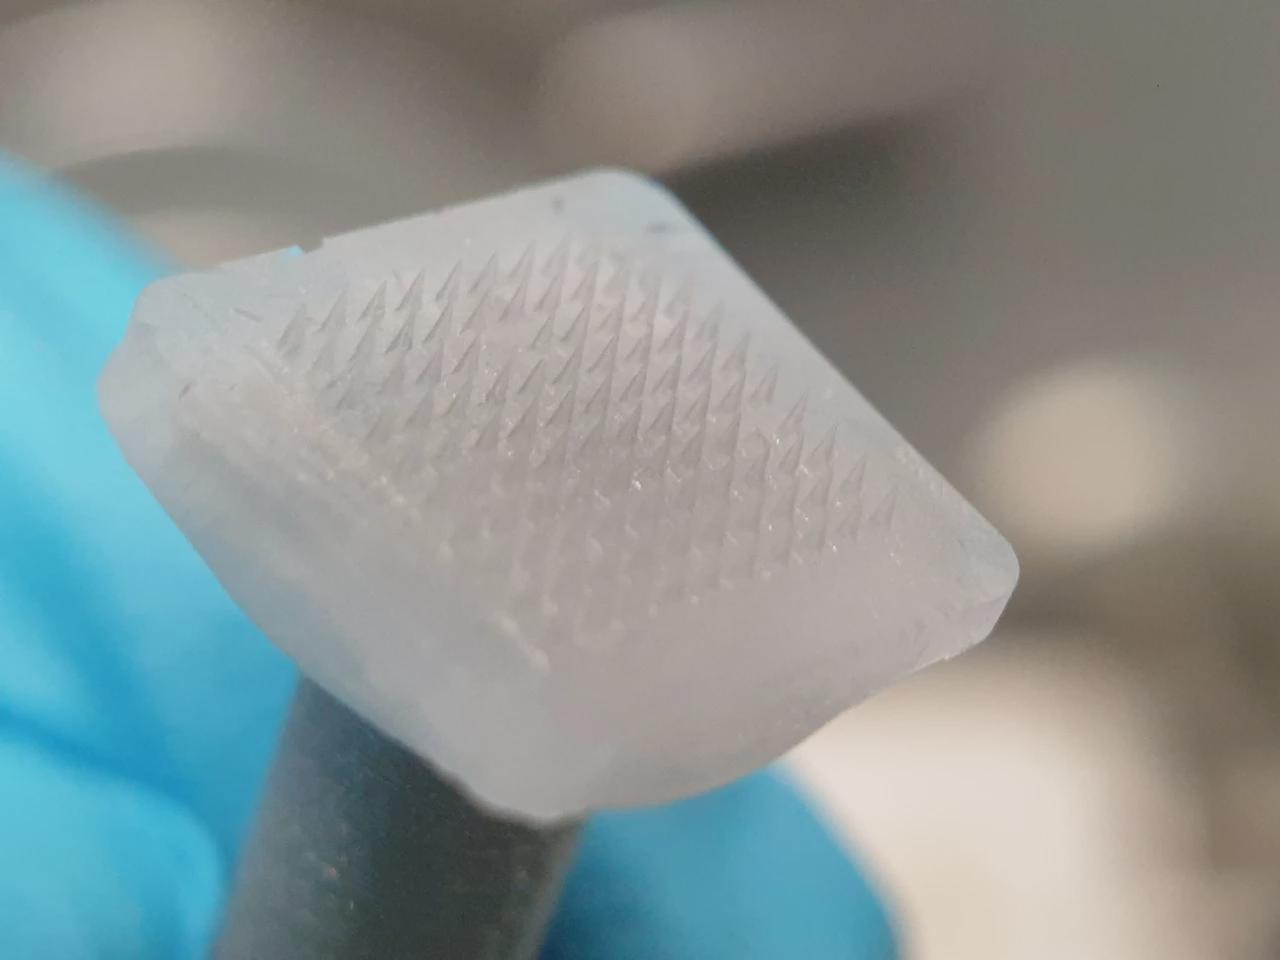 冰冻微针贴片可向皮下注入药物 然后自行融化消失